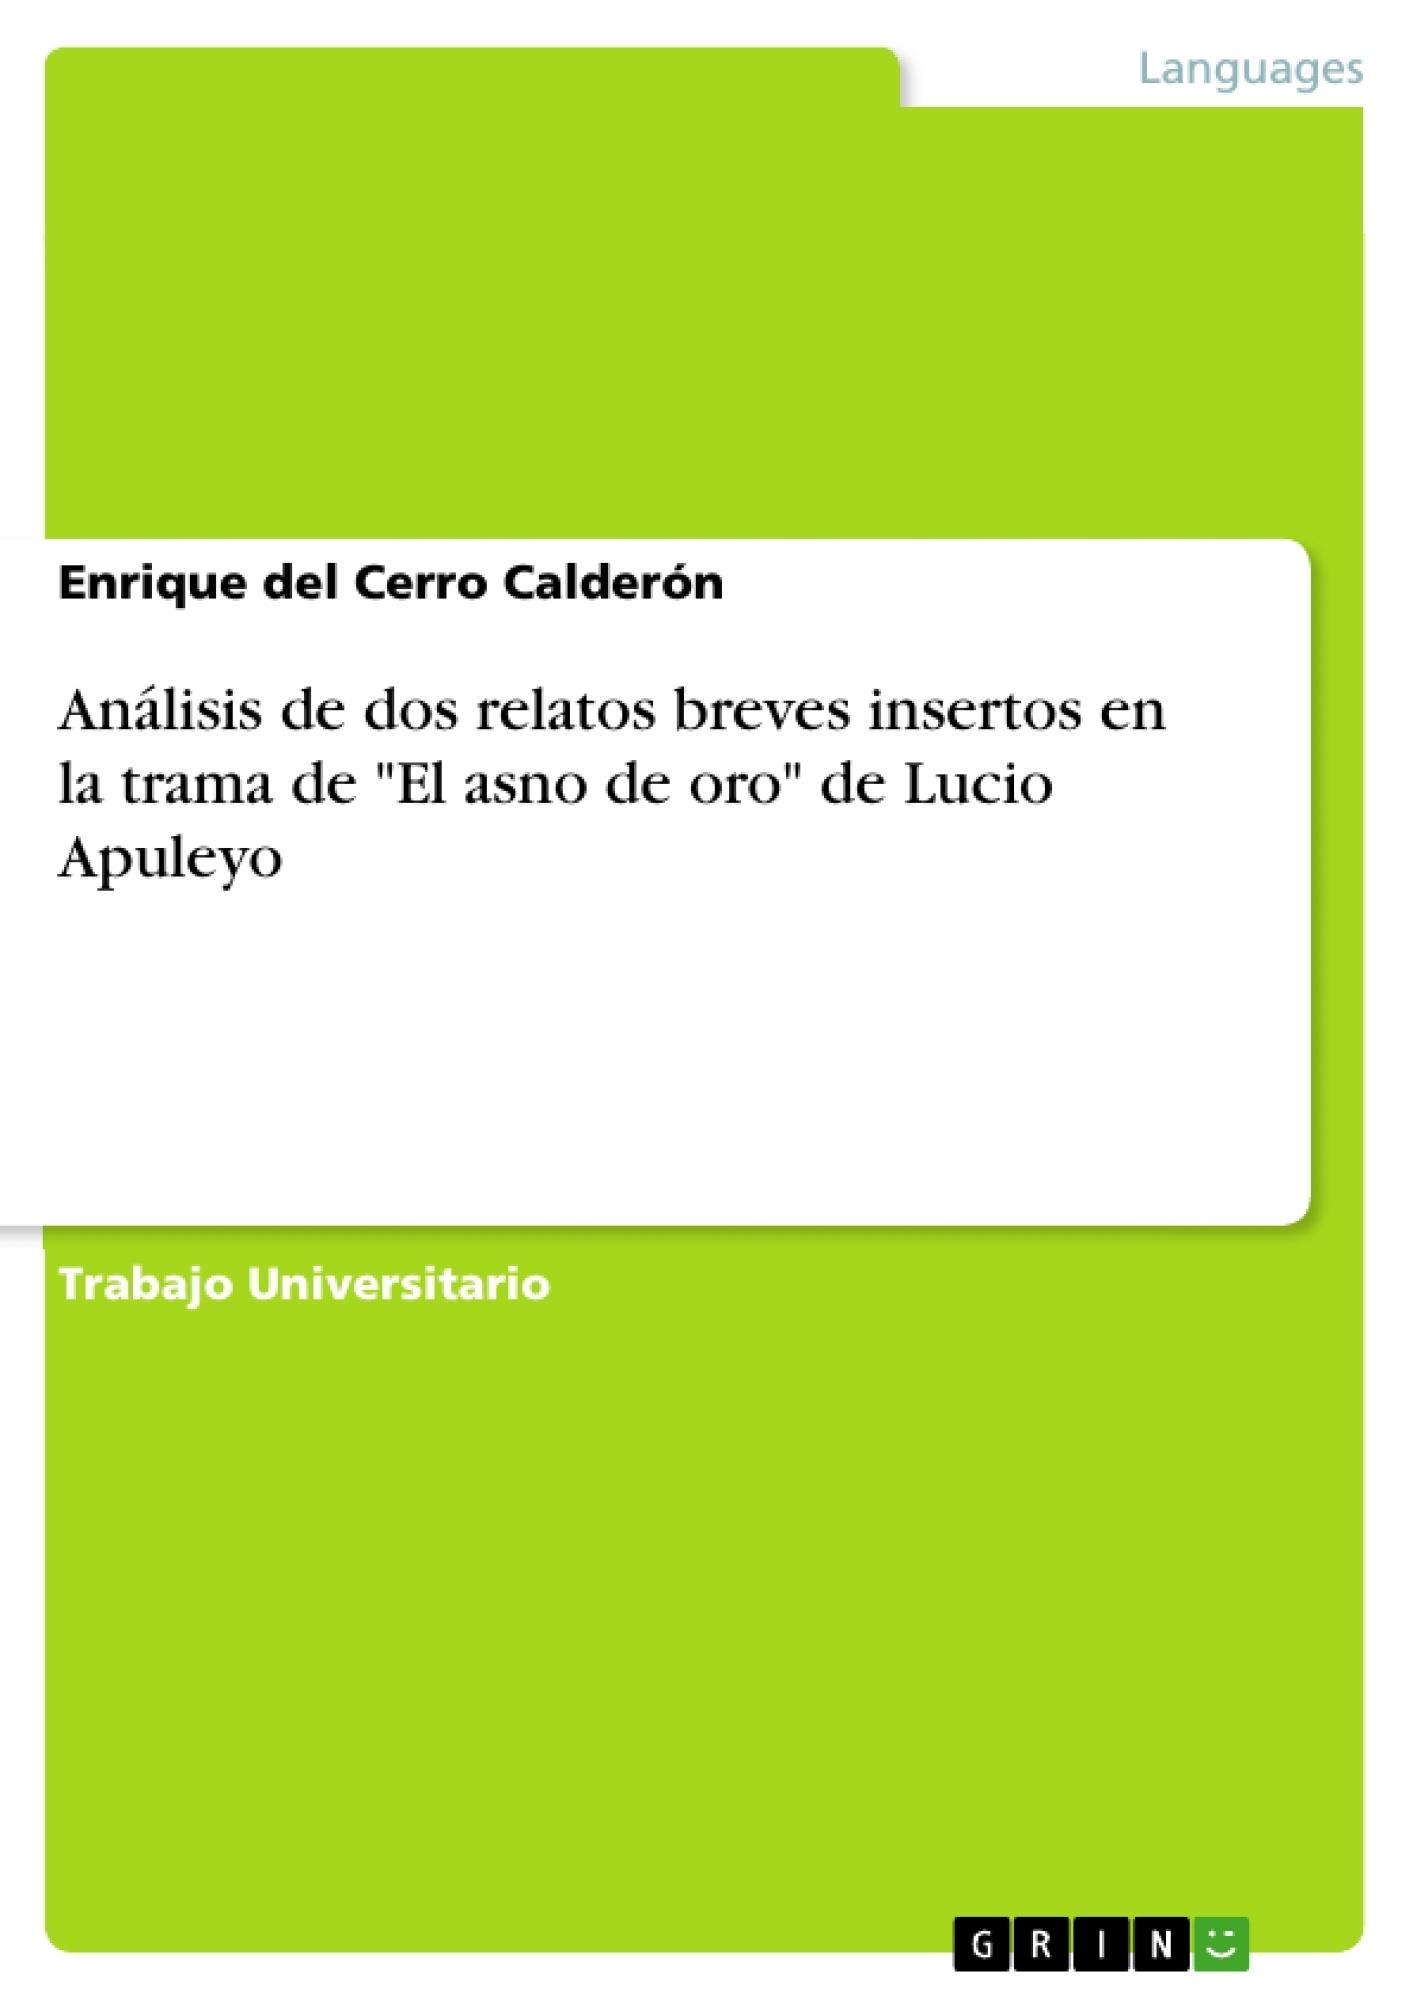 """Título: Análisis de dos relatos breves insertos en la trama de """"El asno de oro"""" de Lucio Apuleyo"""